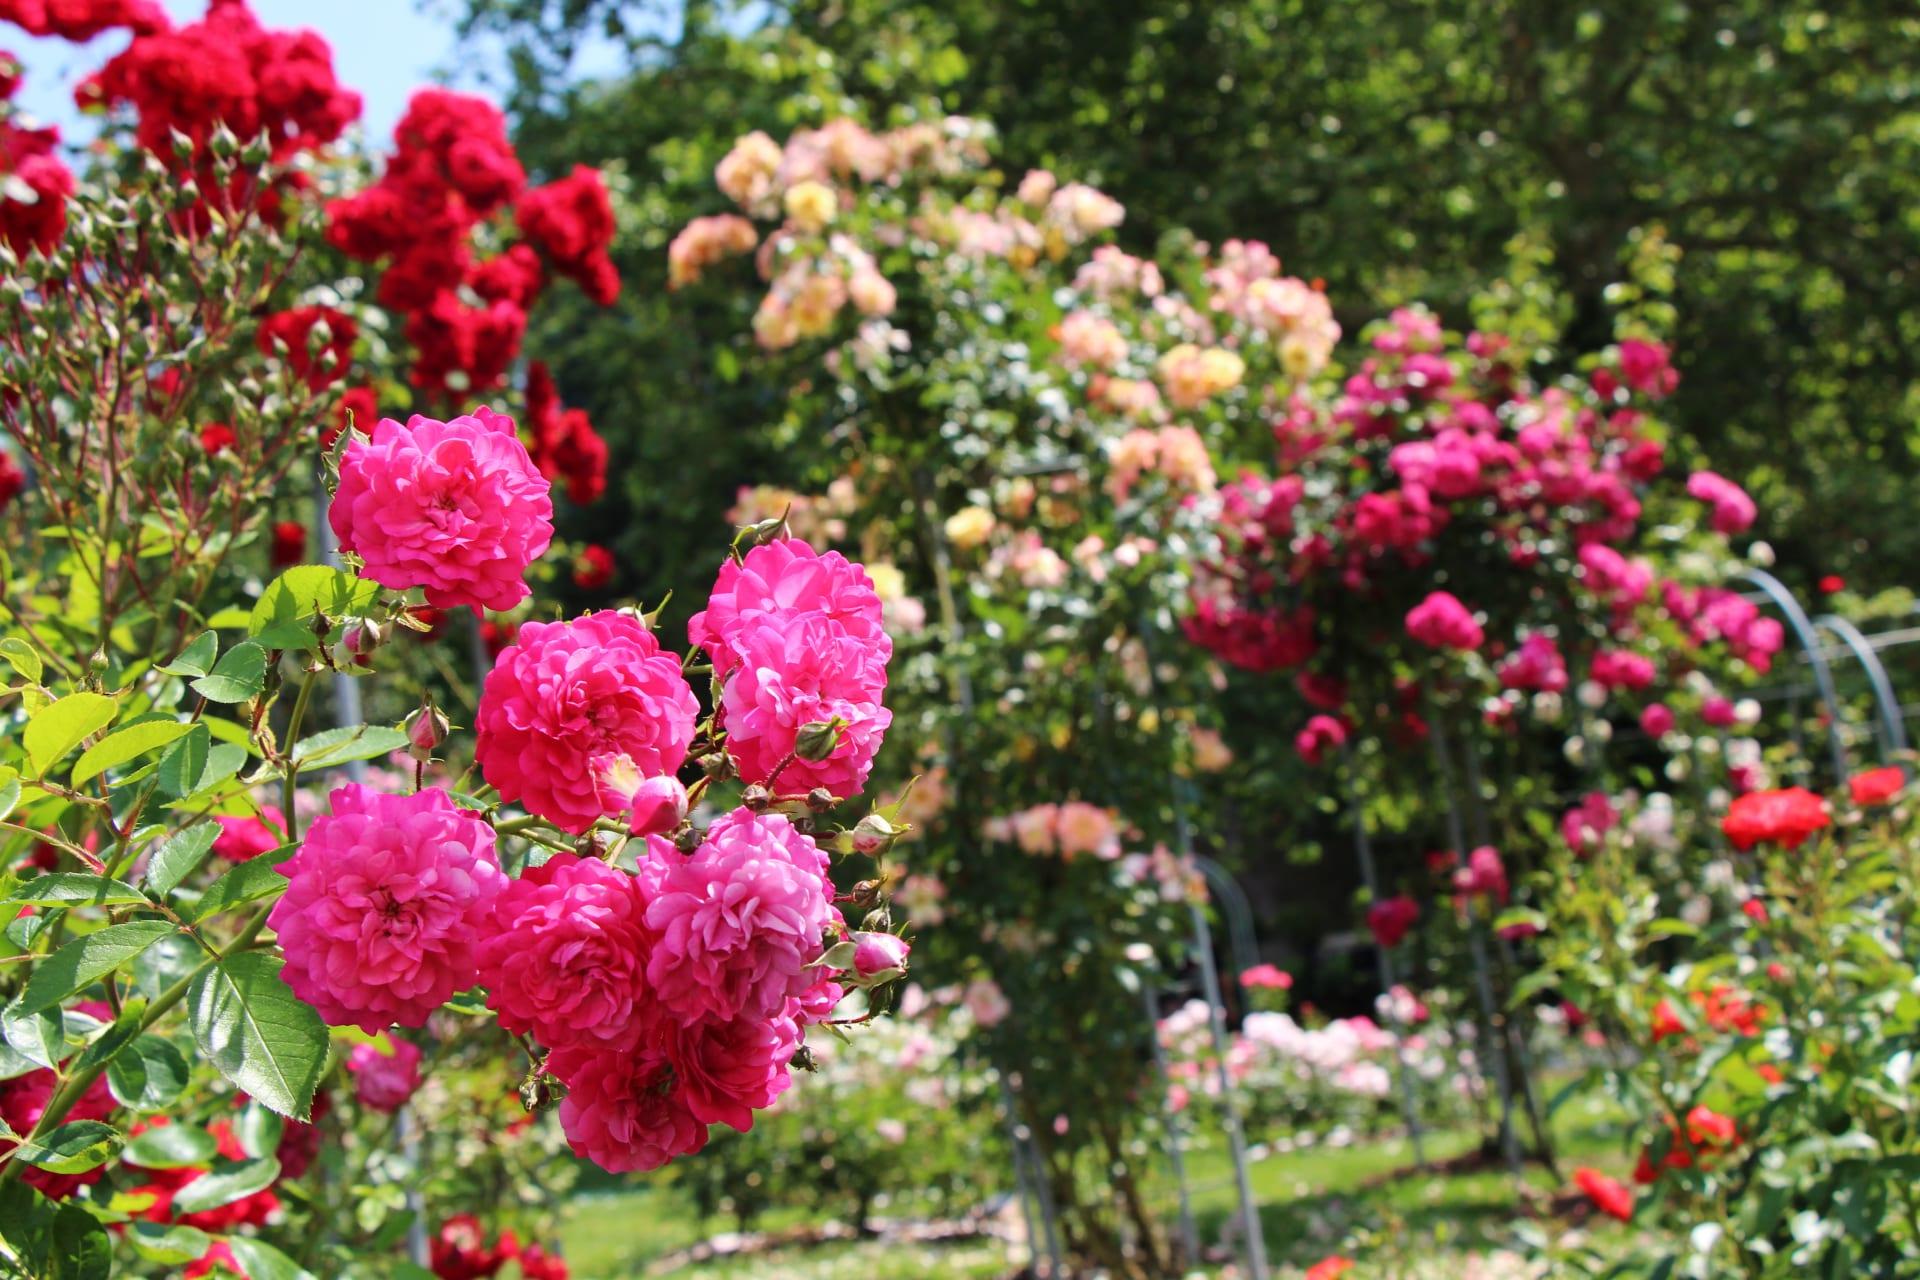 Ljubljana - Arboretum Volčji Potok - Rose gardens with 1000 rose varieties